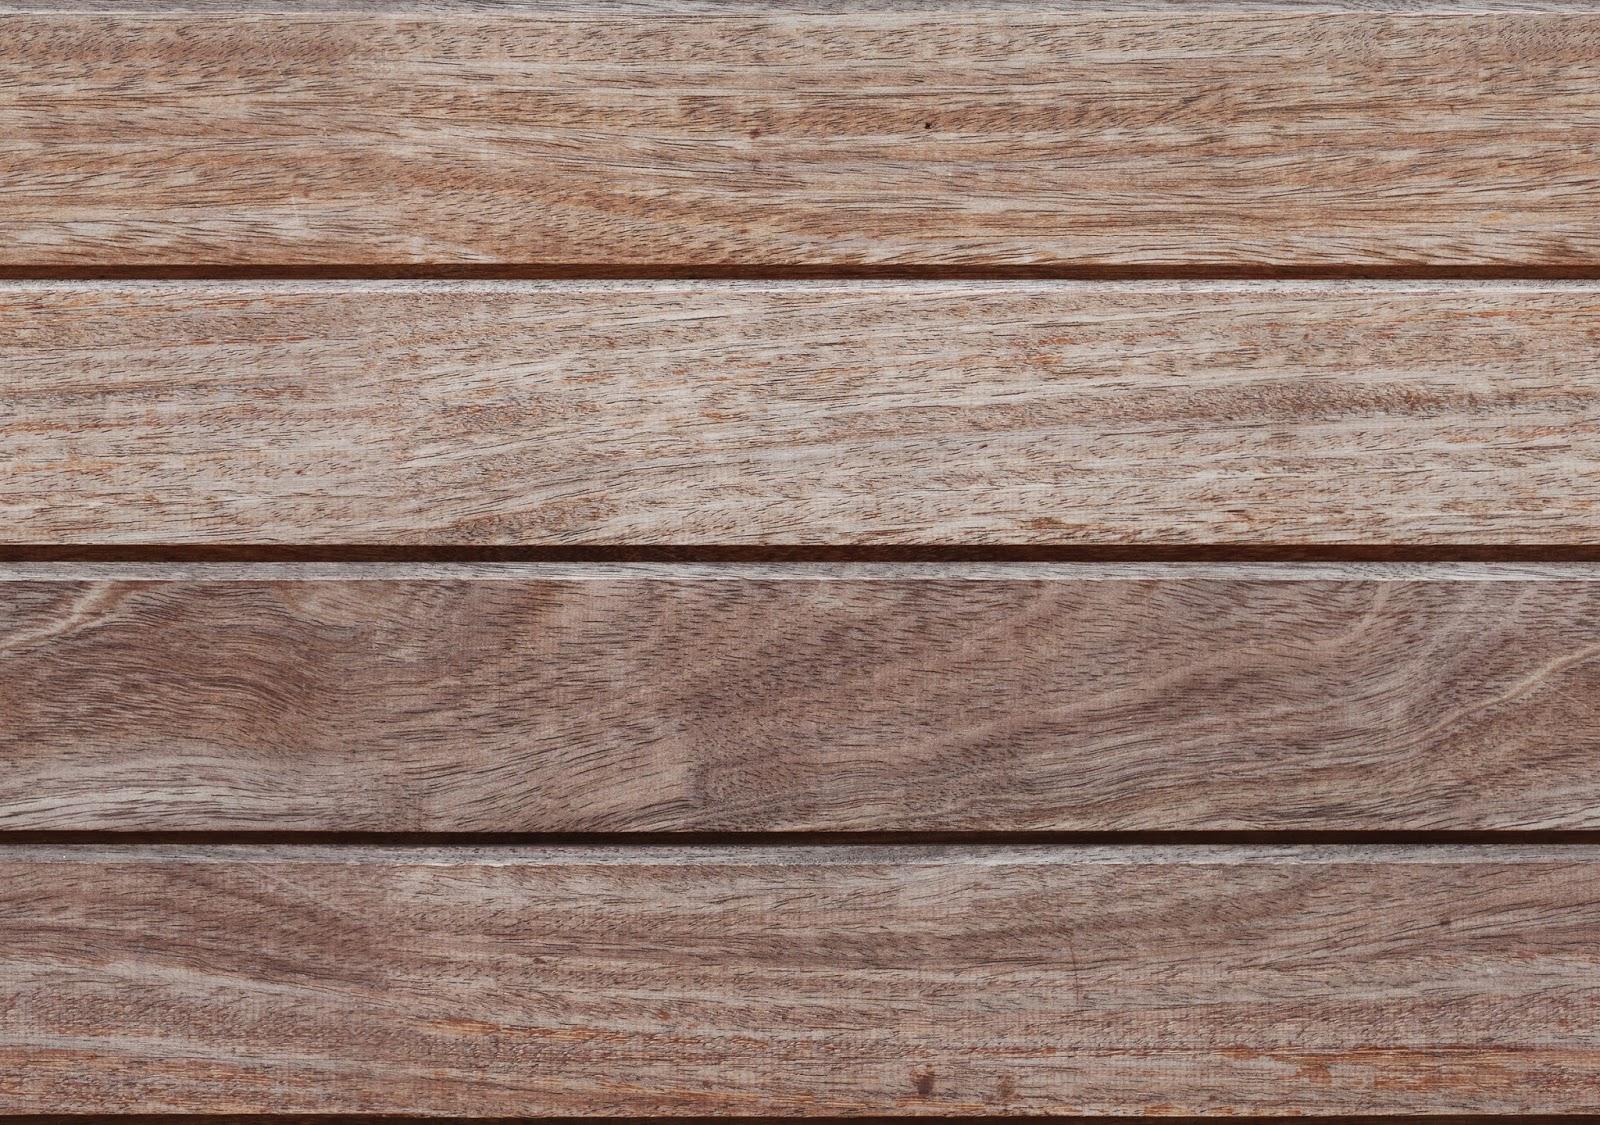 pouzolles textures : bois sol exterieur